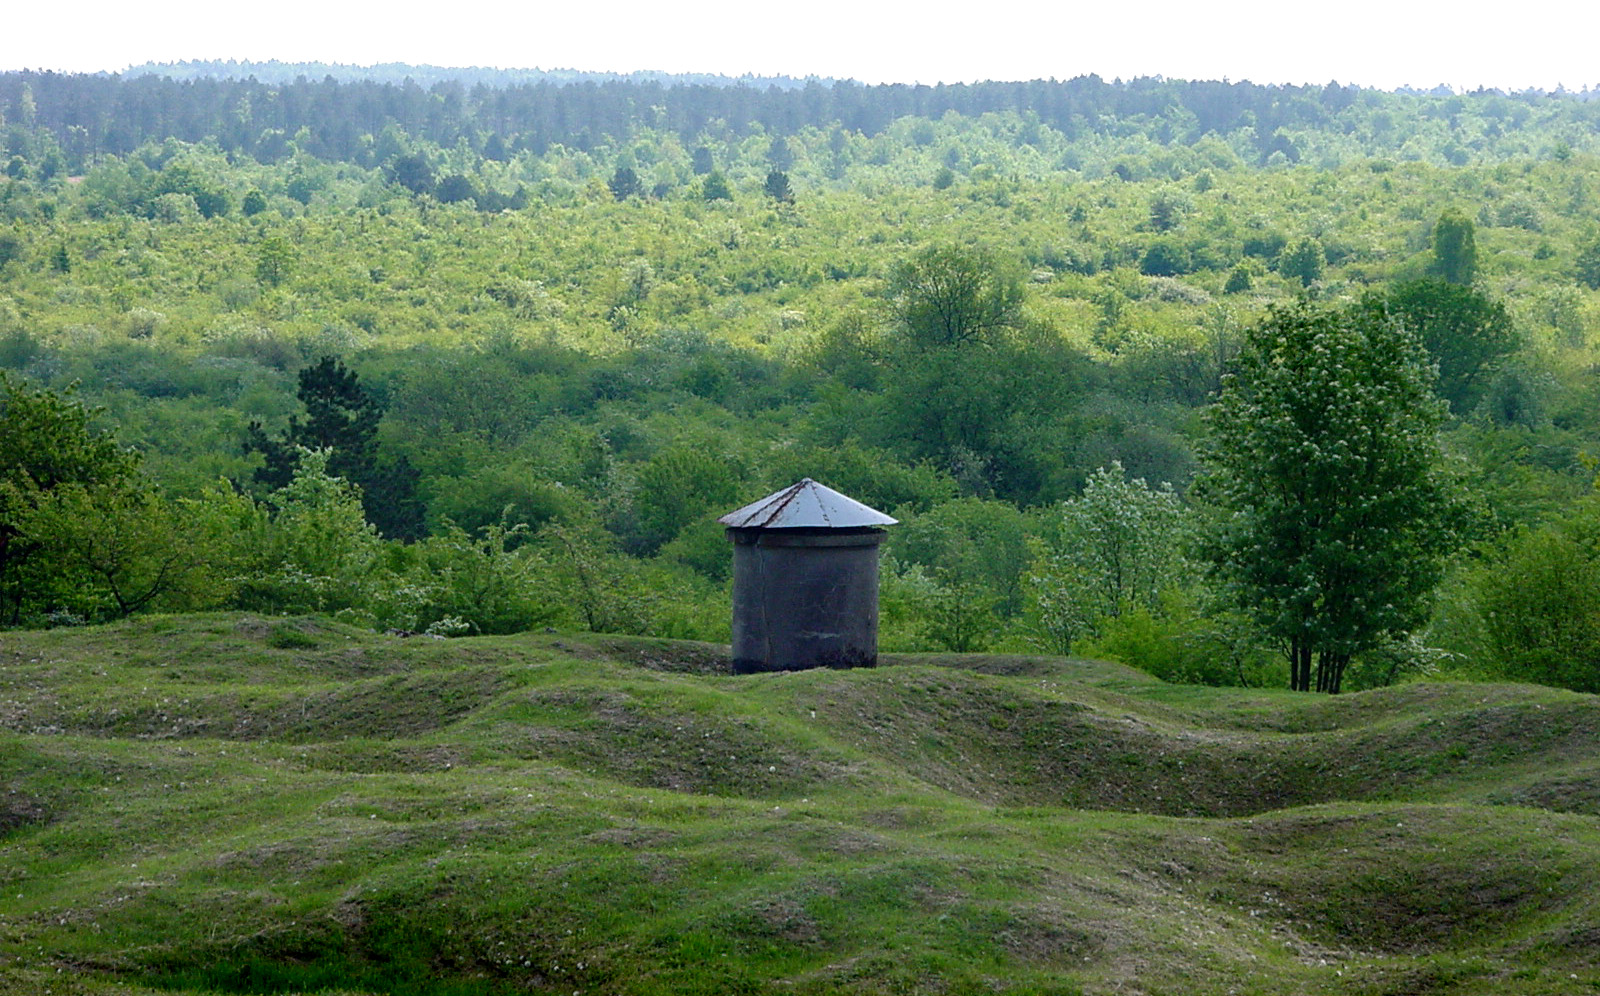 Allocin forum g n ral verdun guerre tourisme et paysage lunaire vos souvenirs - Verdun office du tourisme ...